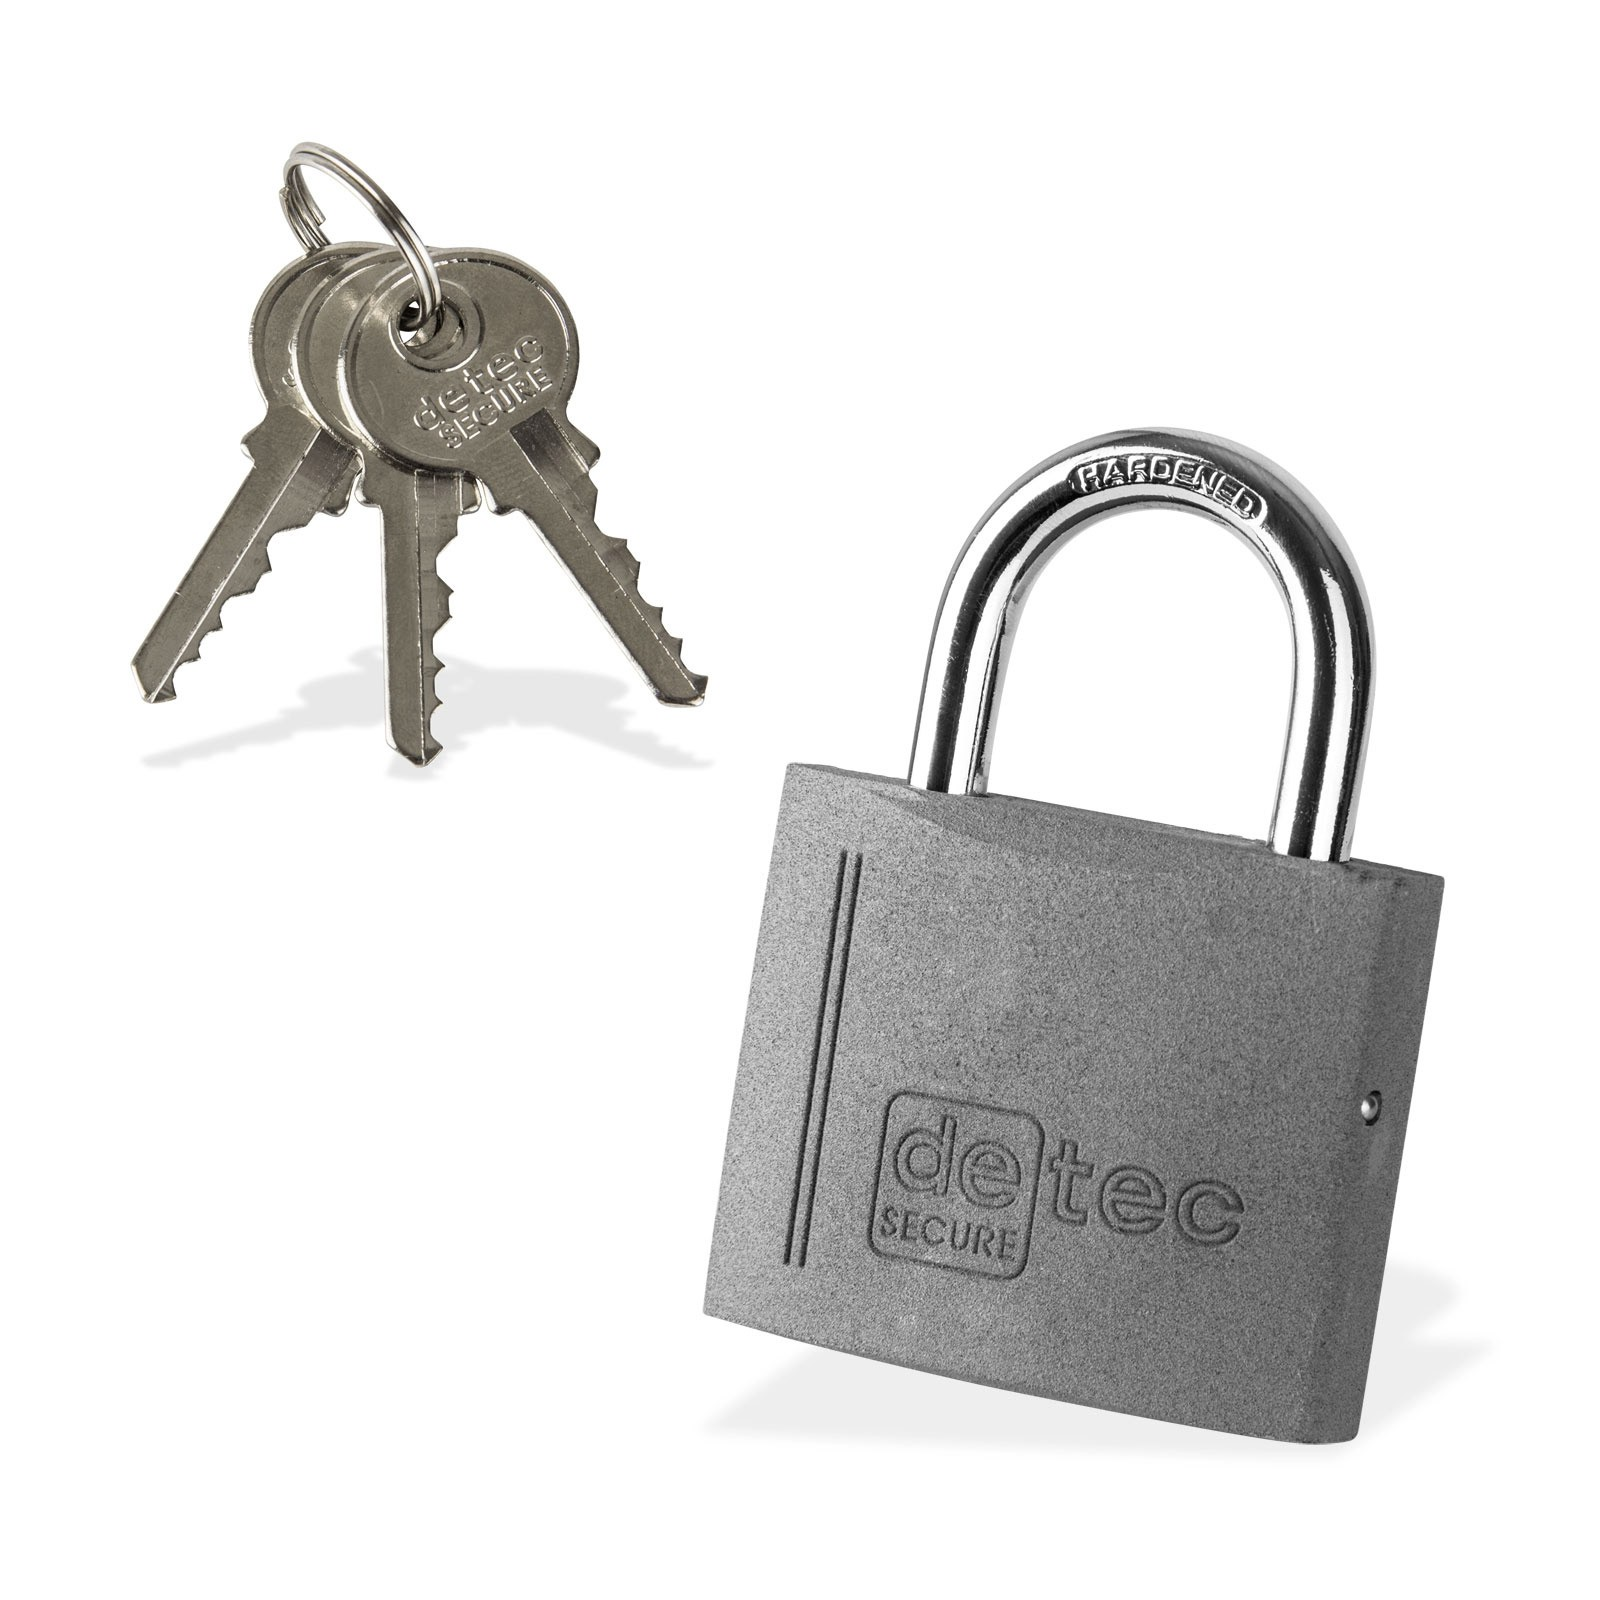 Dema Vorhängeschloss / Bügelschloss / Sicherheitsschloss VS60 mit 3 Schlüssel 21674